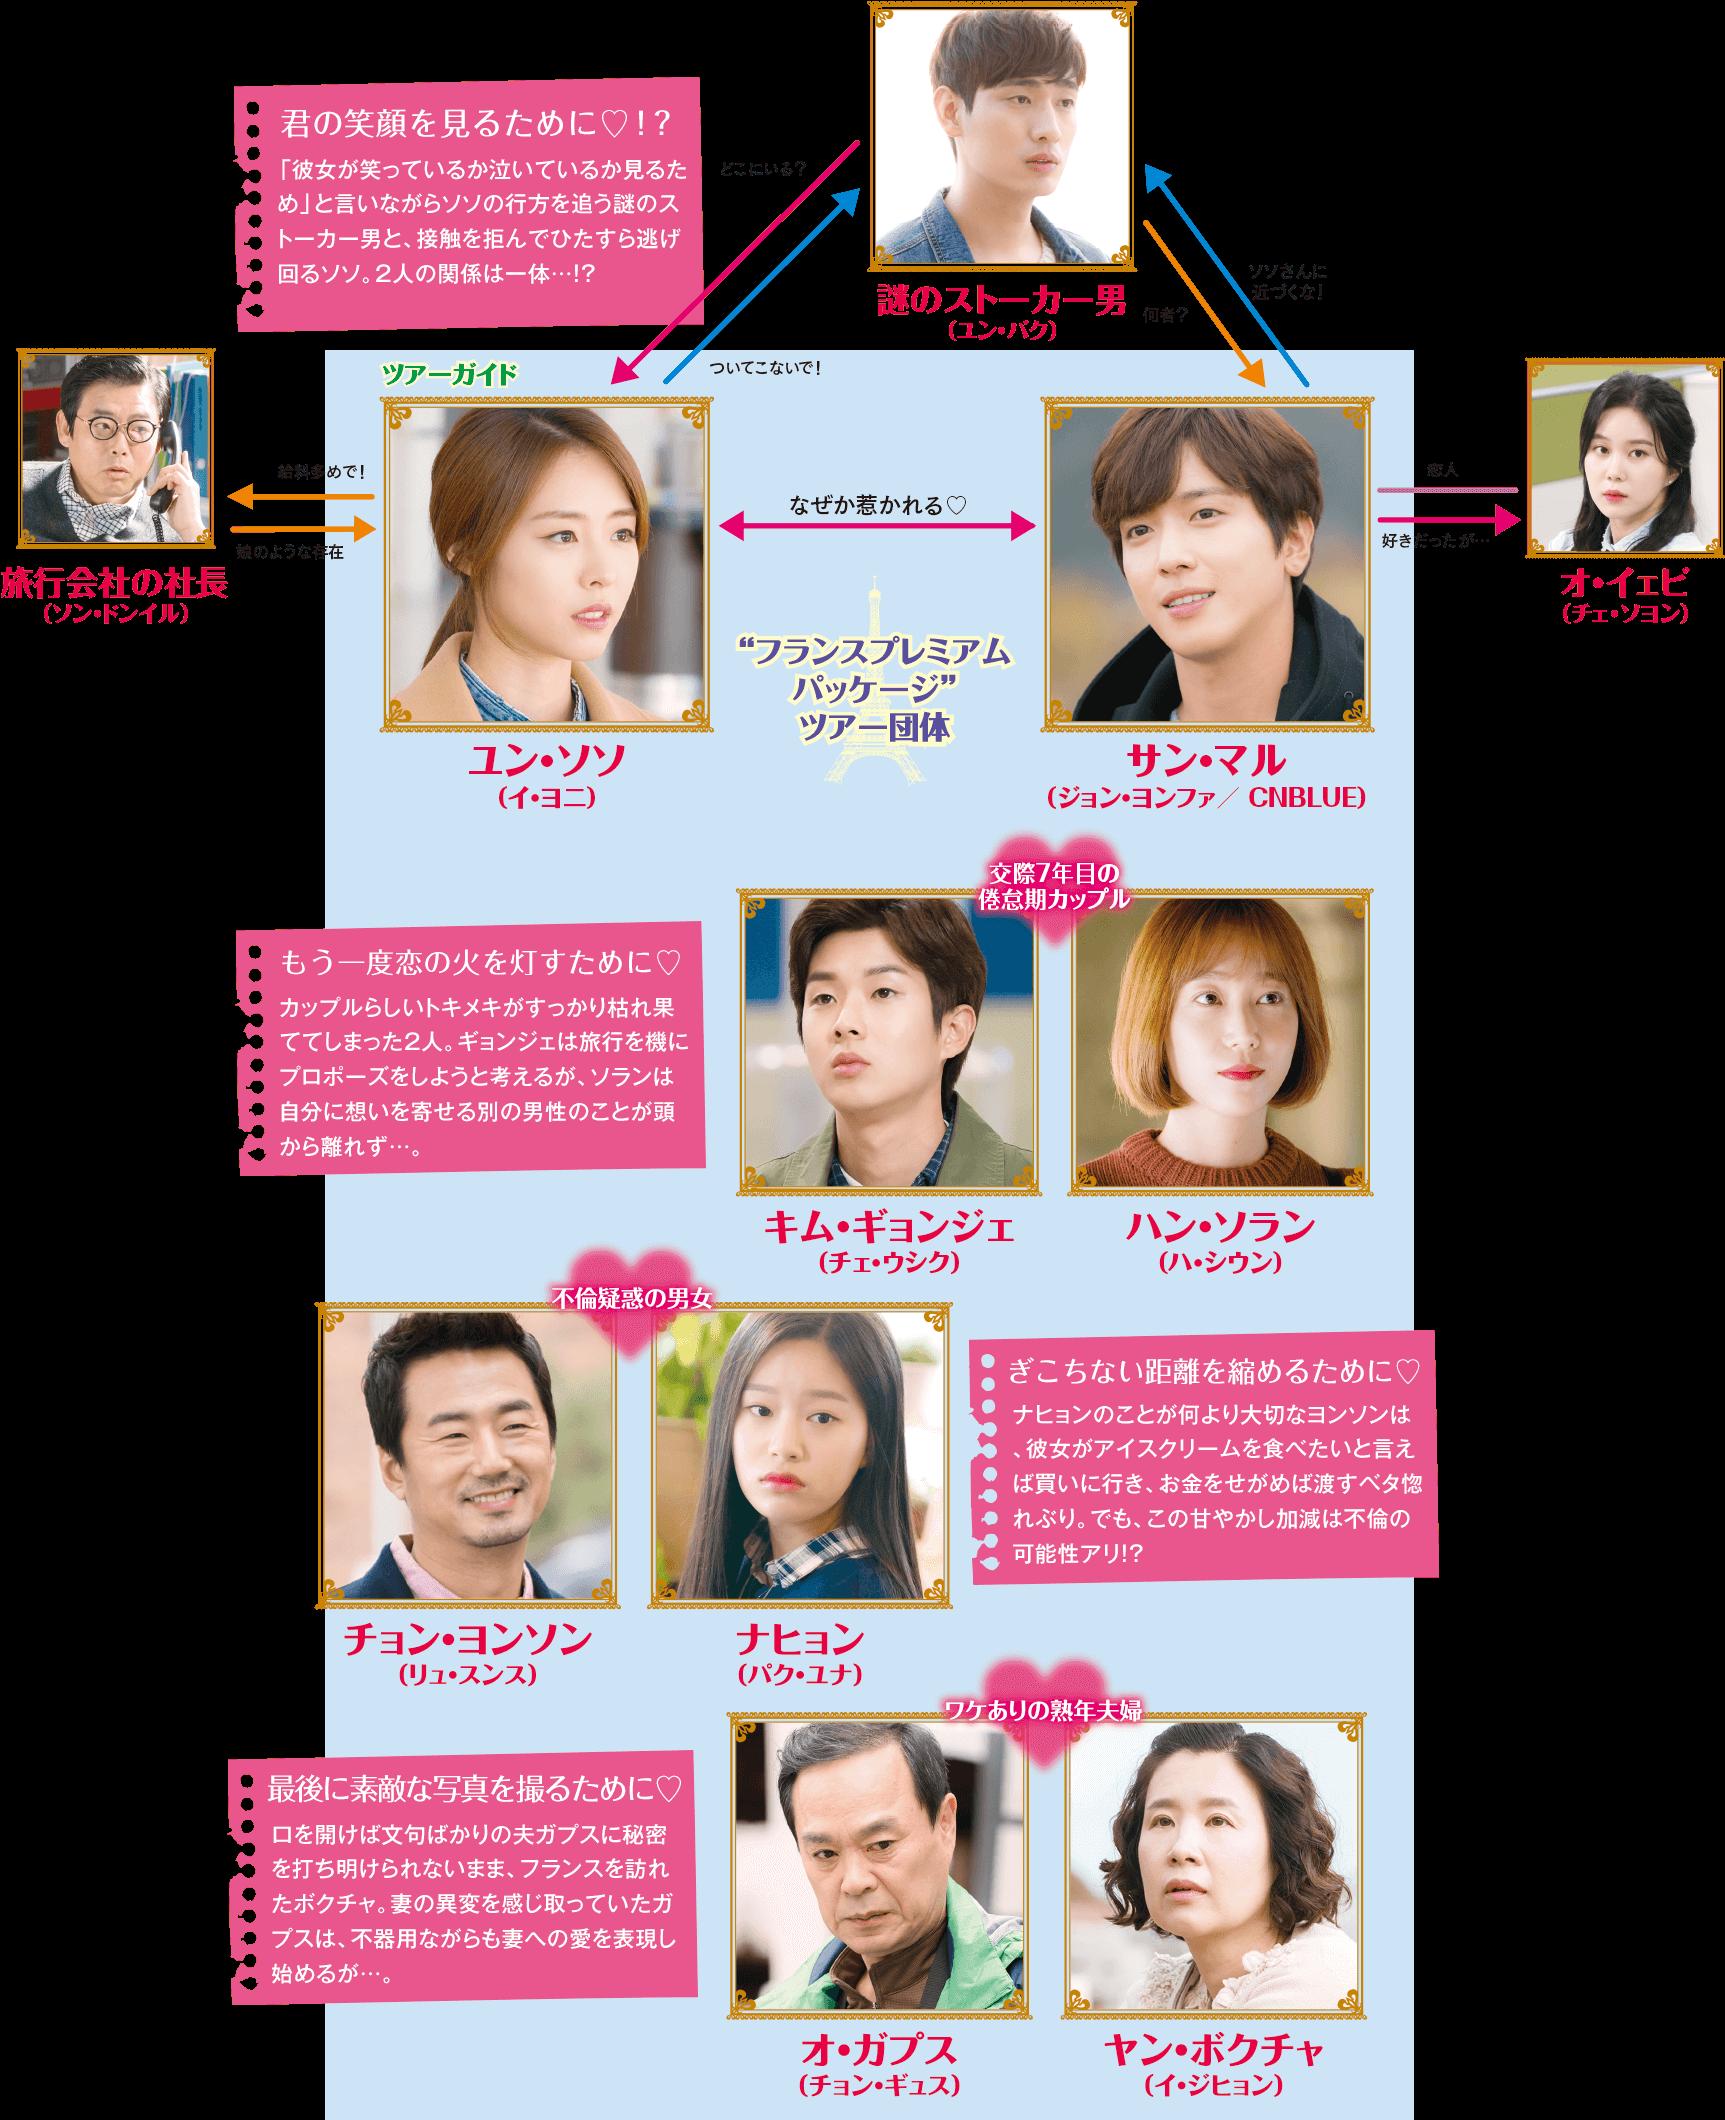 恋するパッケージツアー-韓国ドラマ-相関図